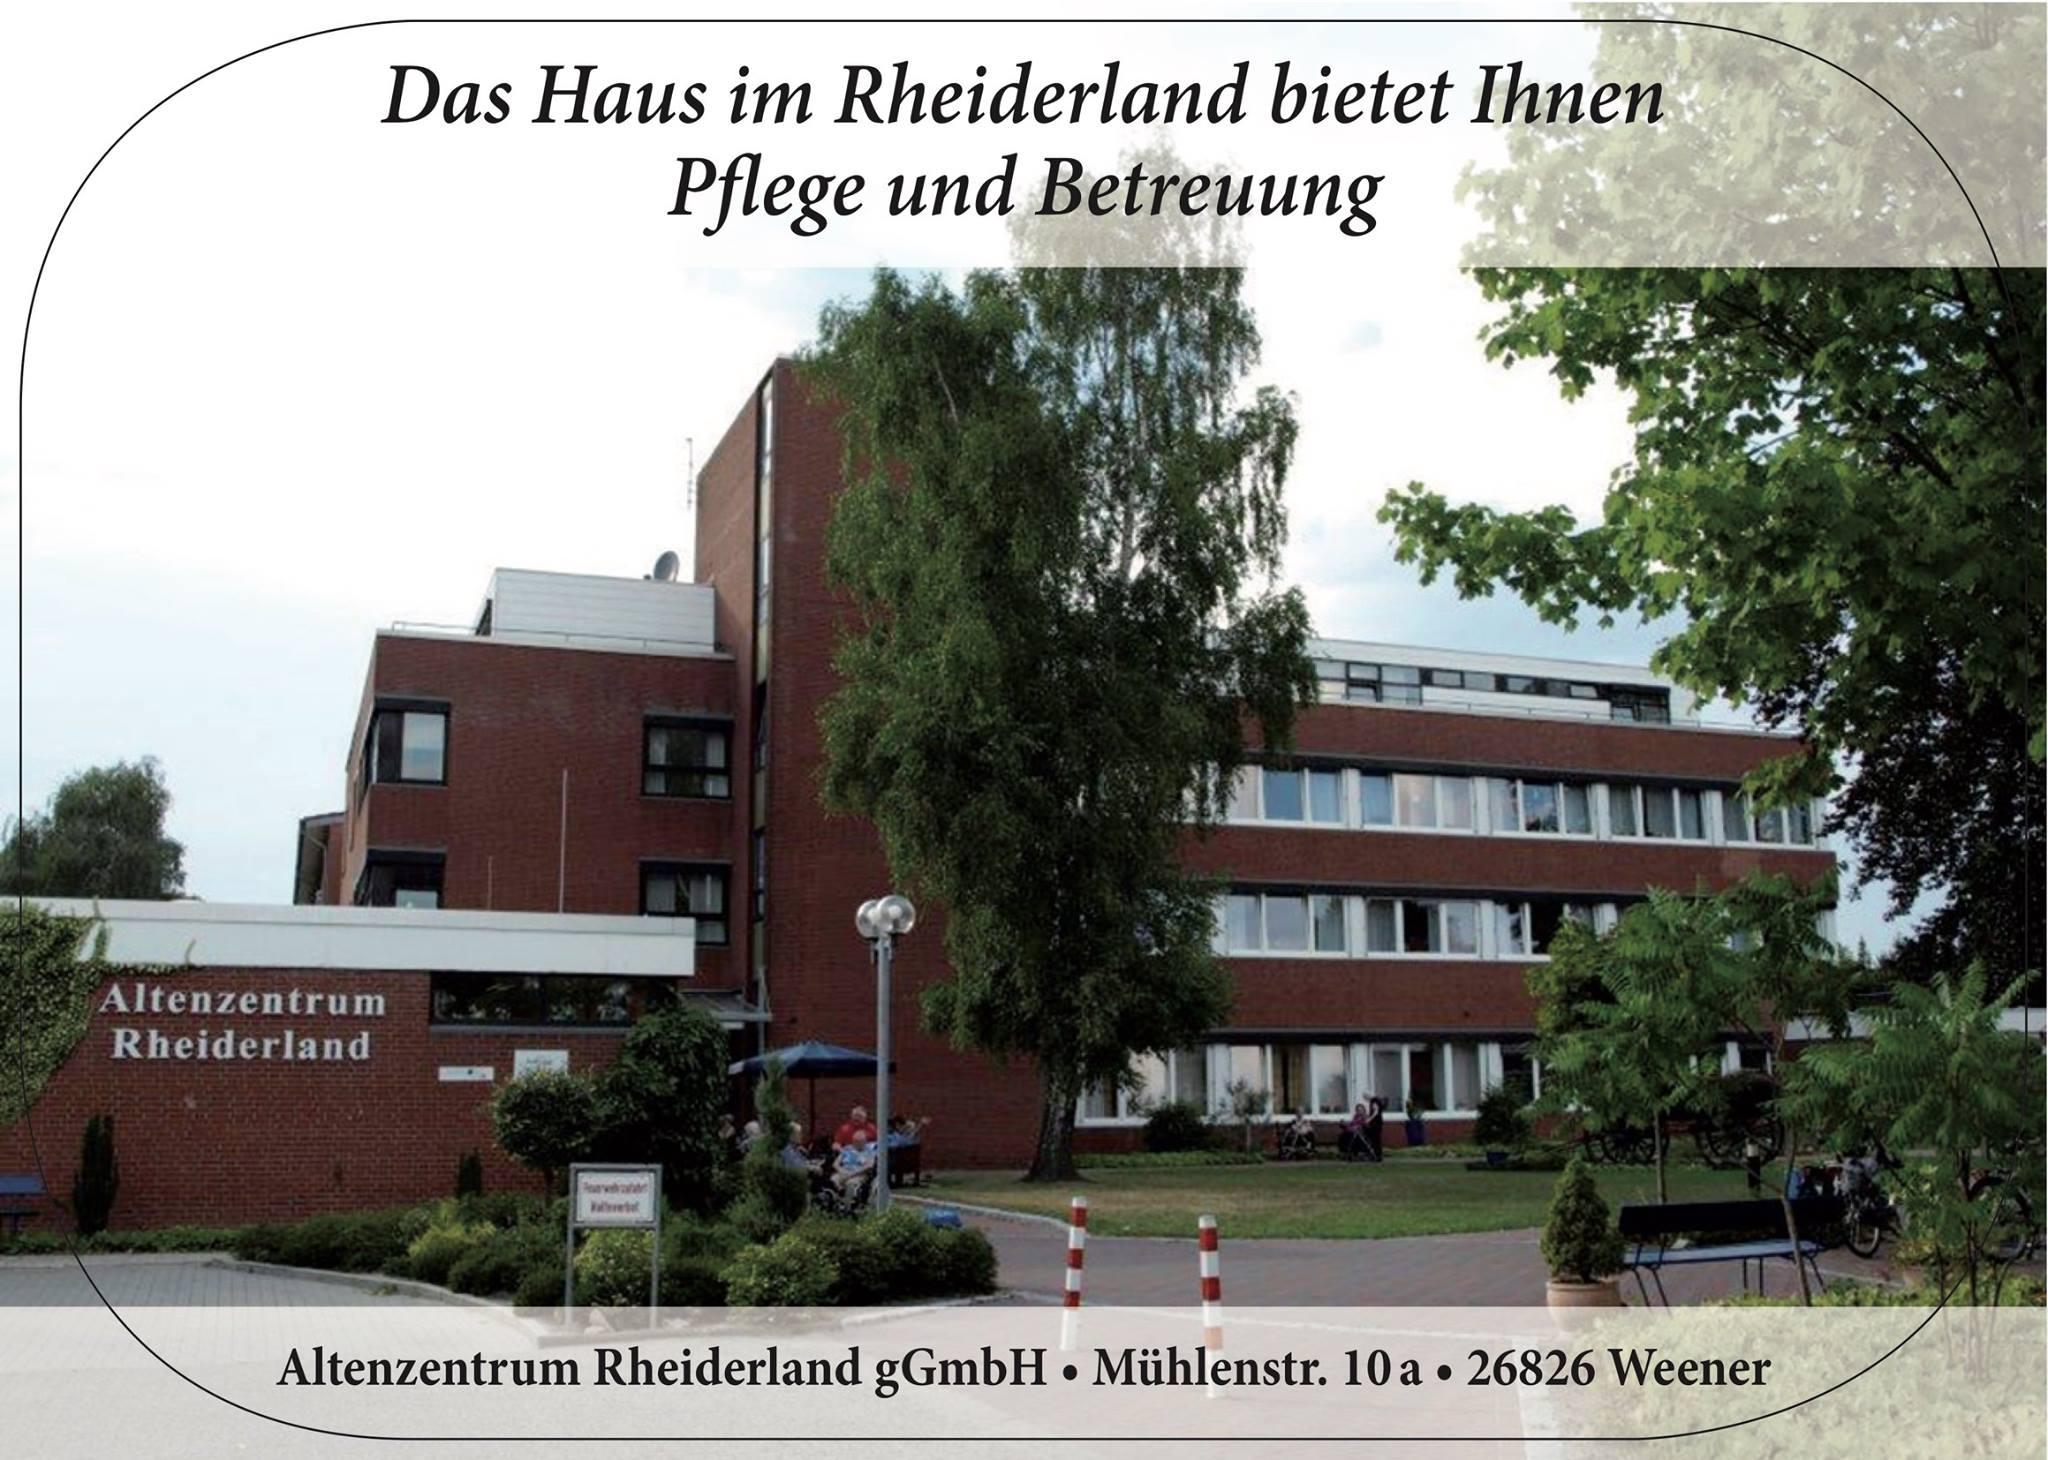 Weiterer Standort: Altenzentrum Rheiderland